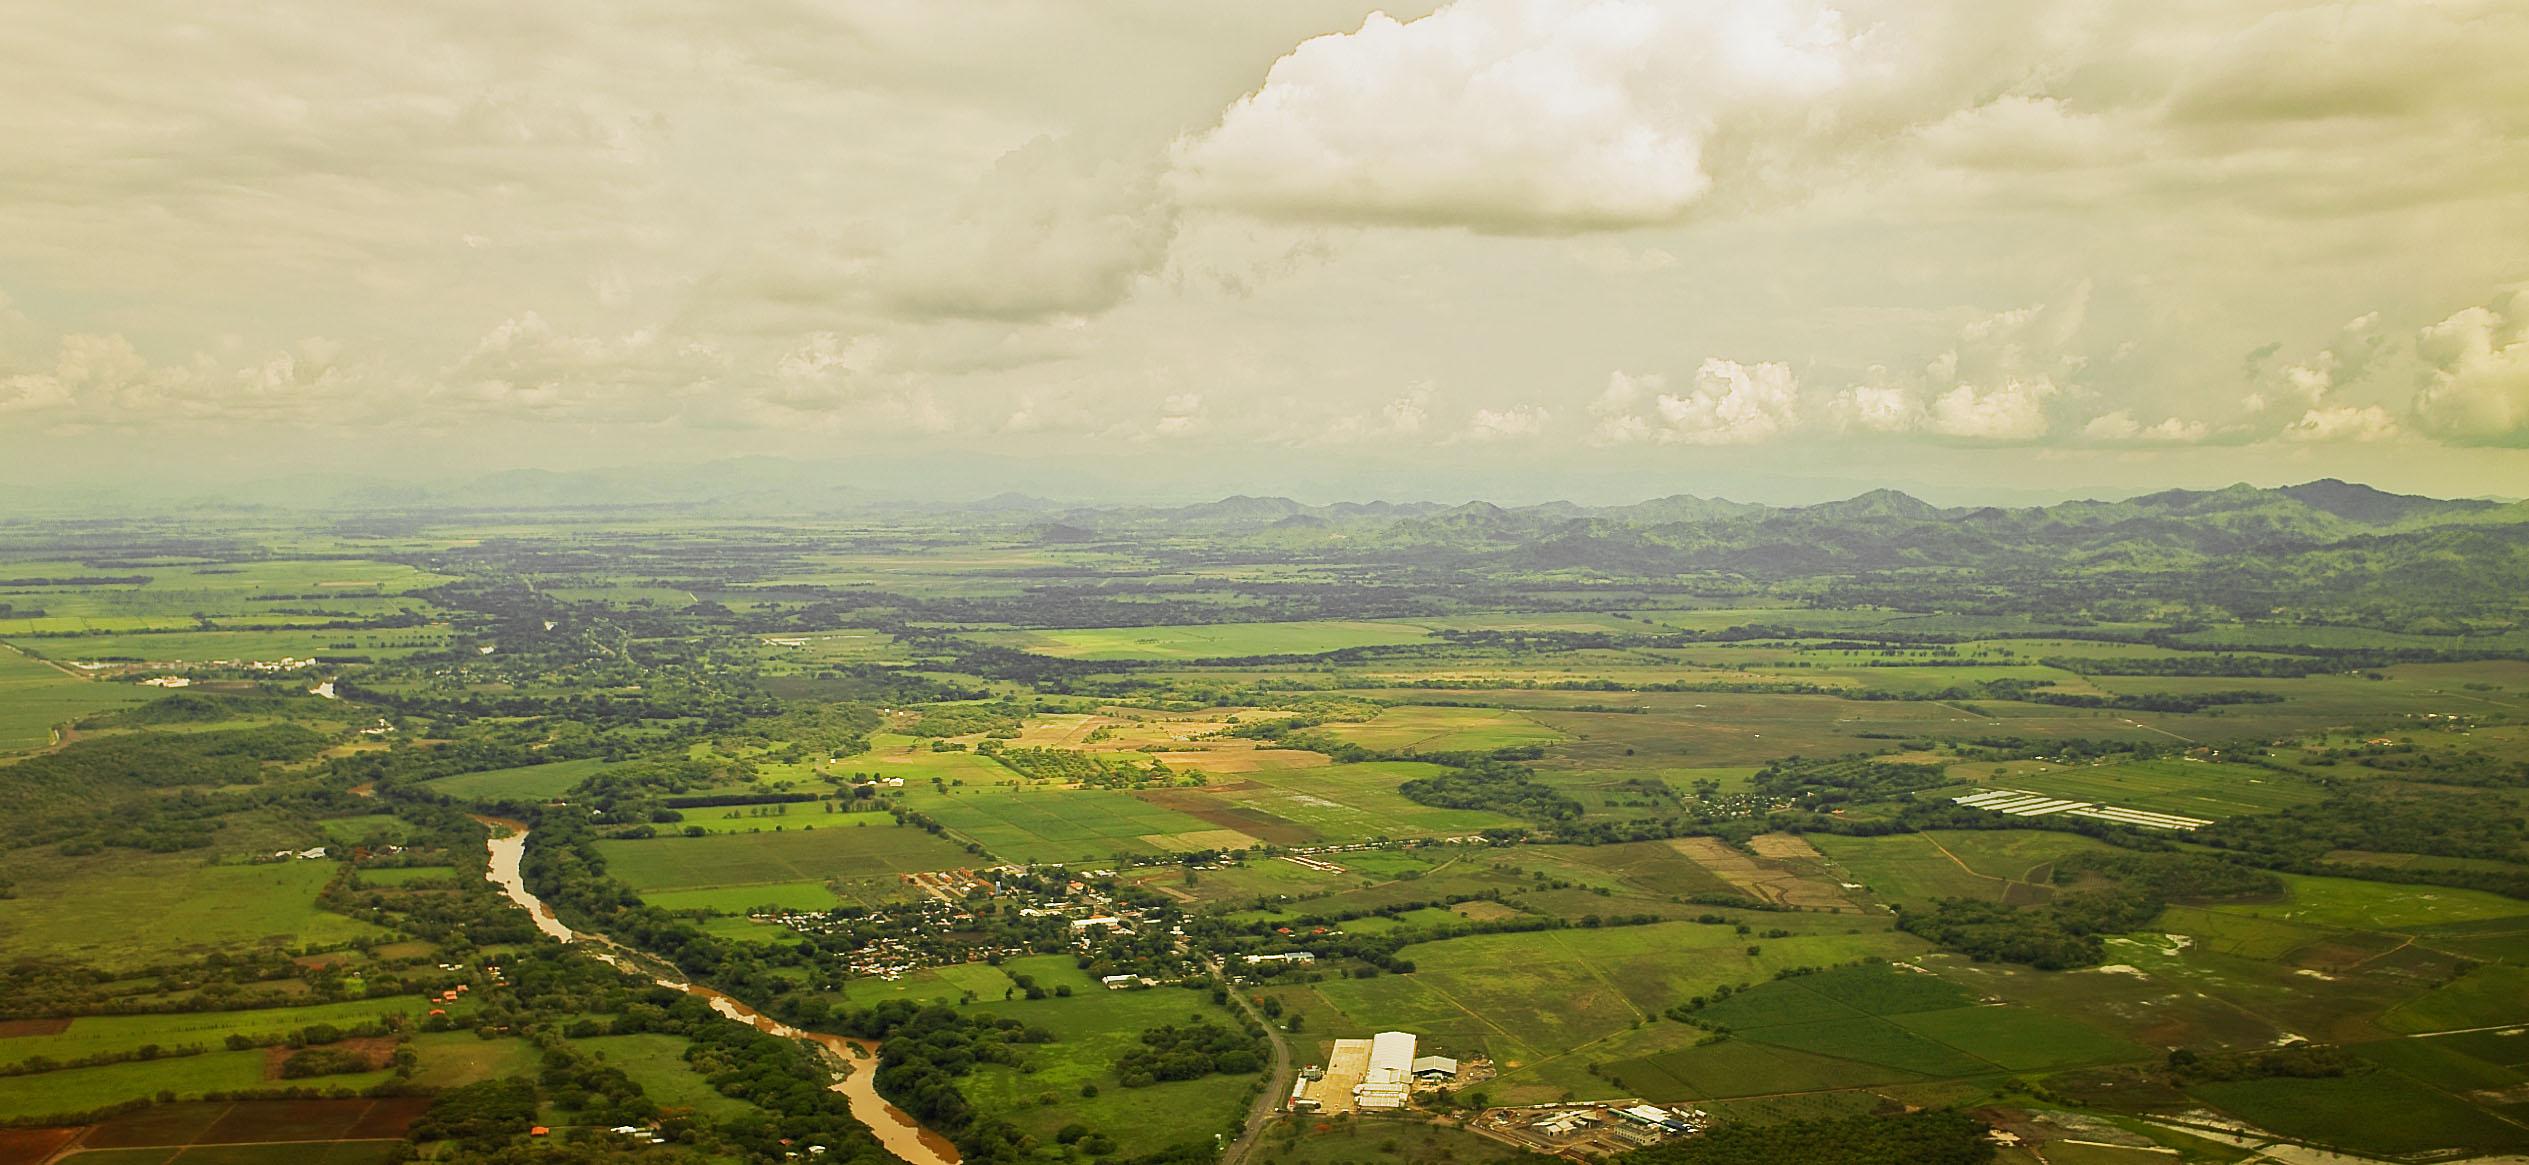 near Liberia, Costa Rica